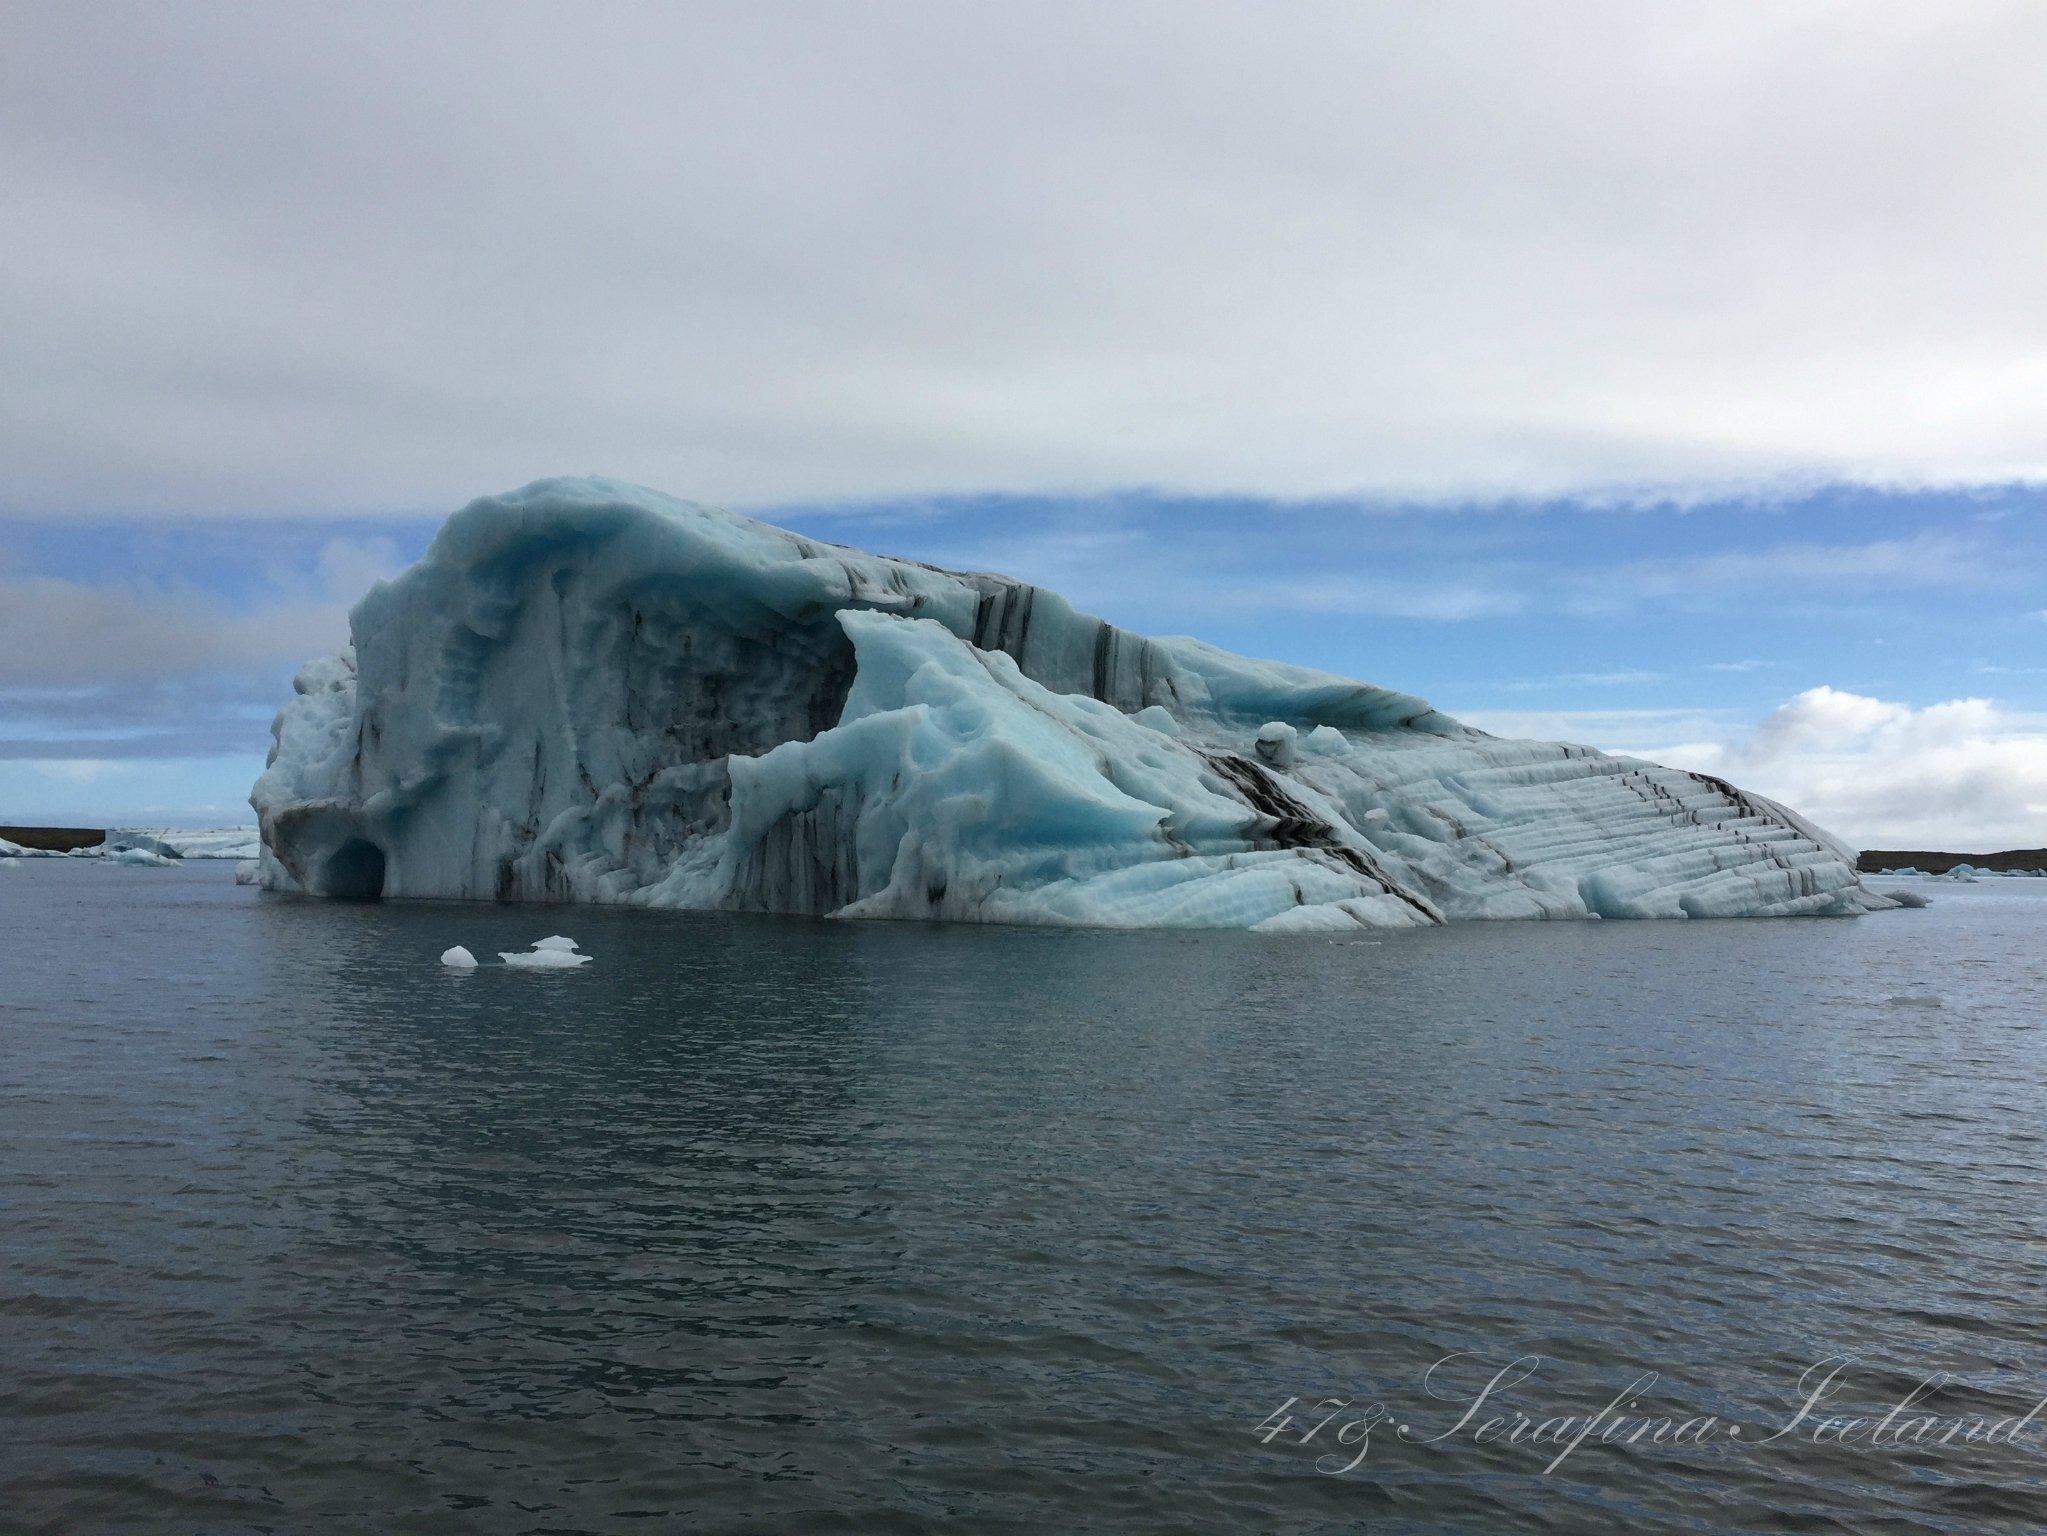 冰岛自驾7日游-冰与火的国度,冰与火的爱恋